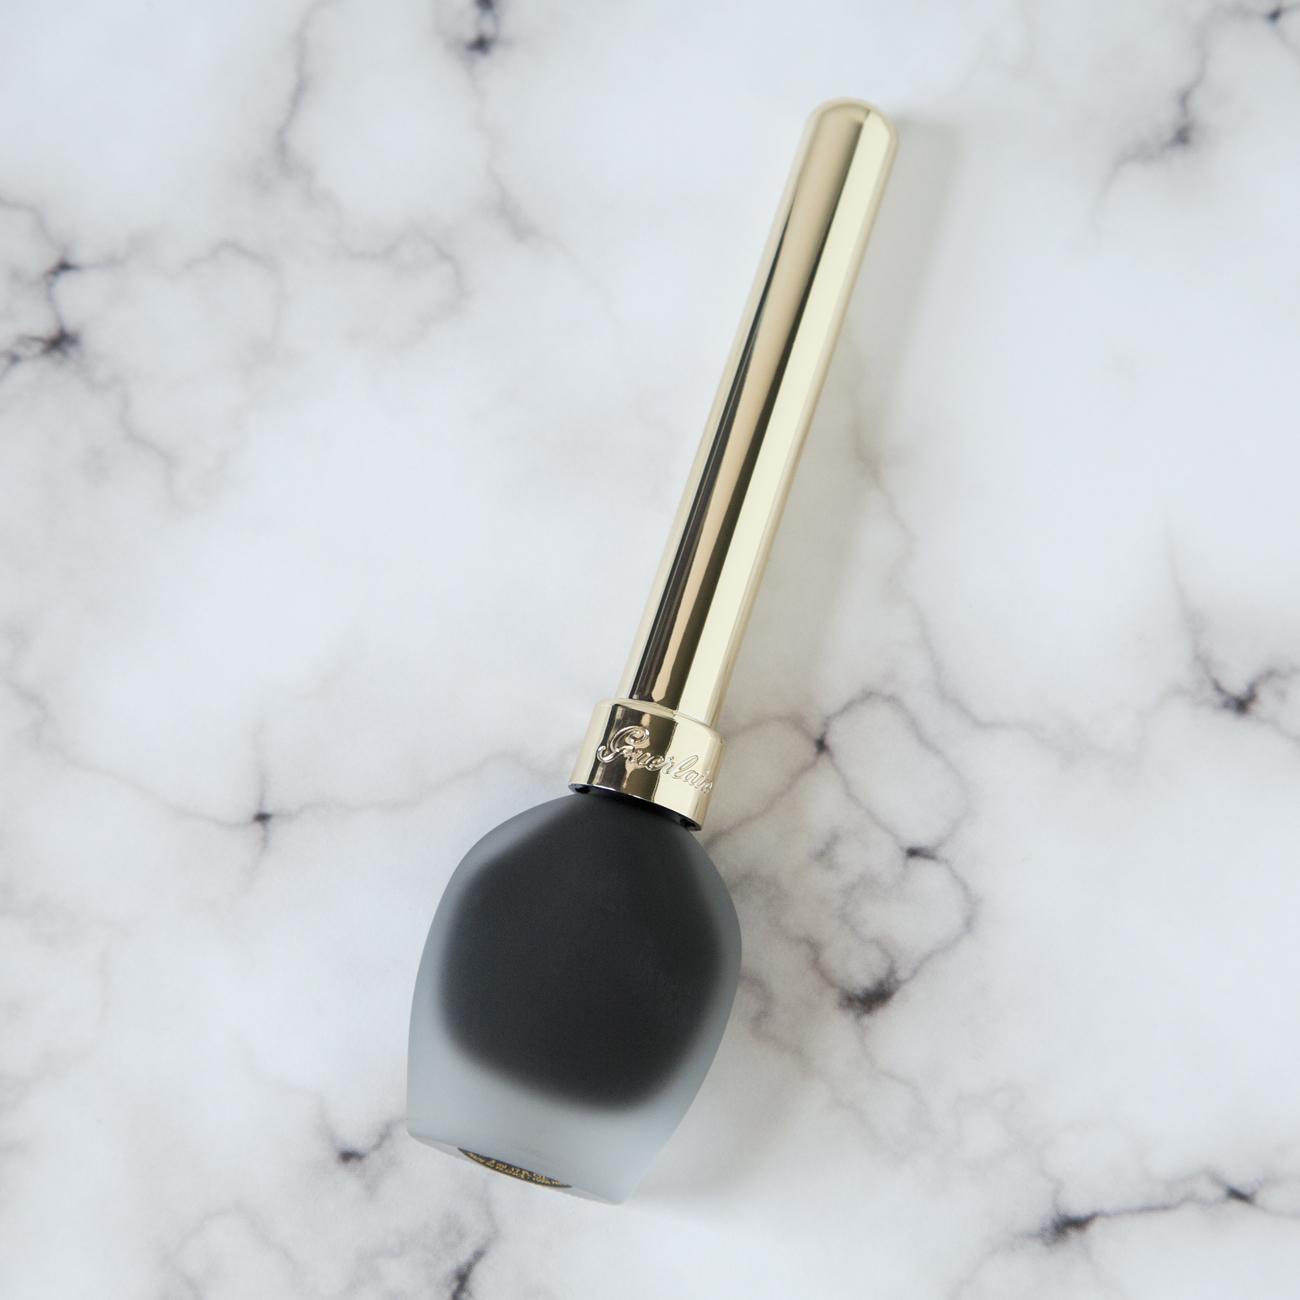 Guerlain Liquid Eyeliner in Jet Black